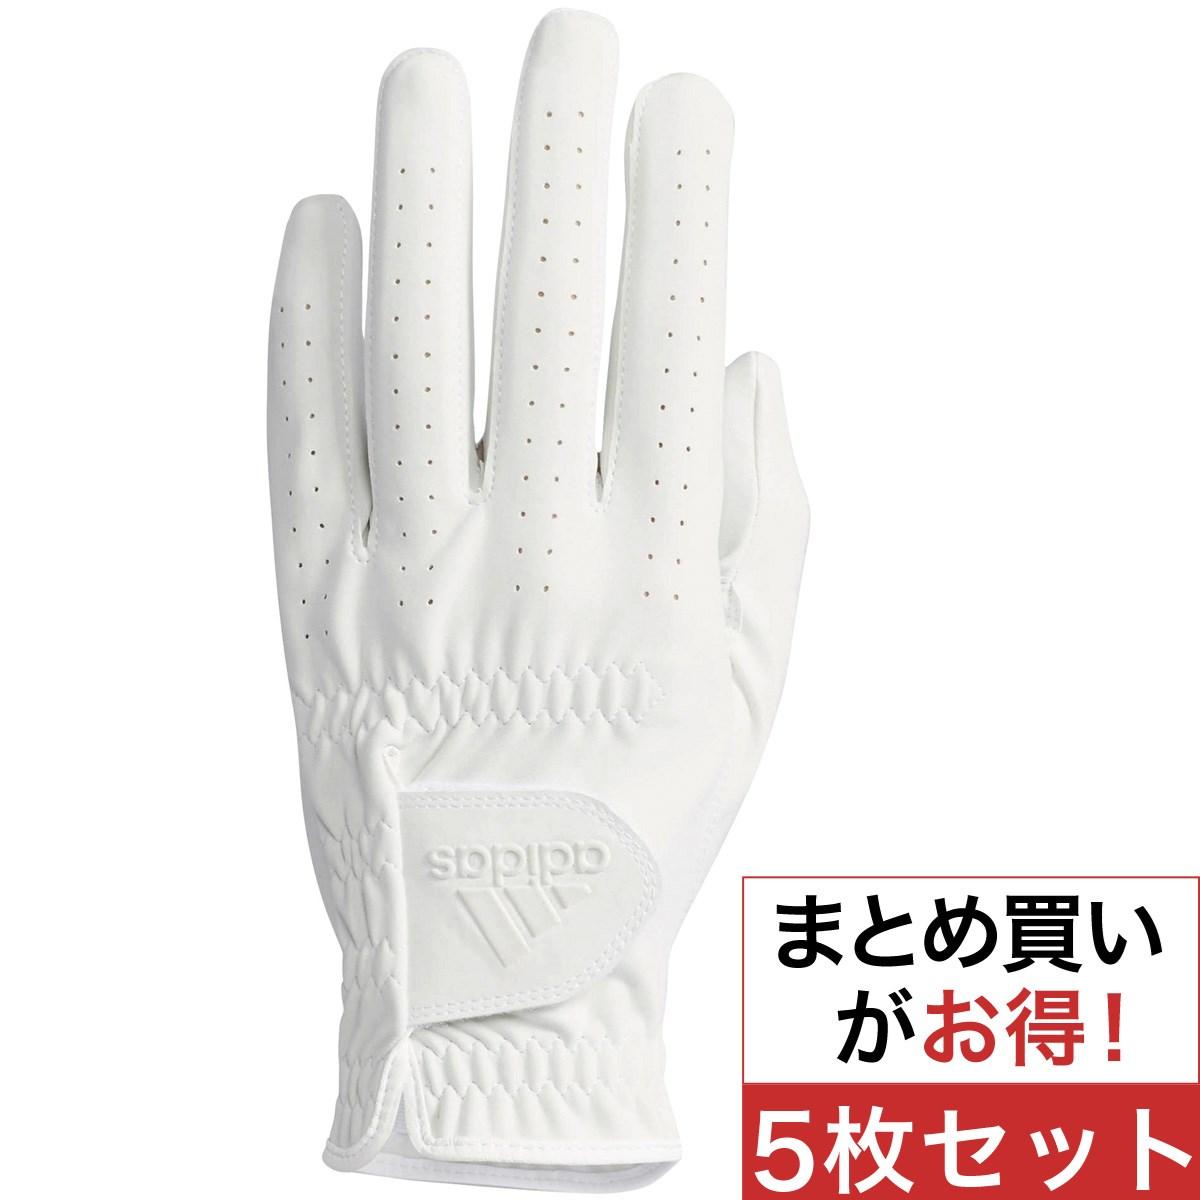 アディダス(adidas) ULTIMATE Synthetic グローブ 5枚セット